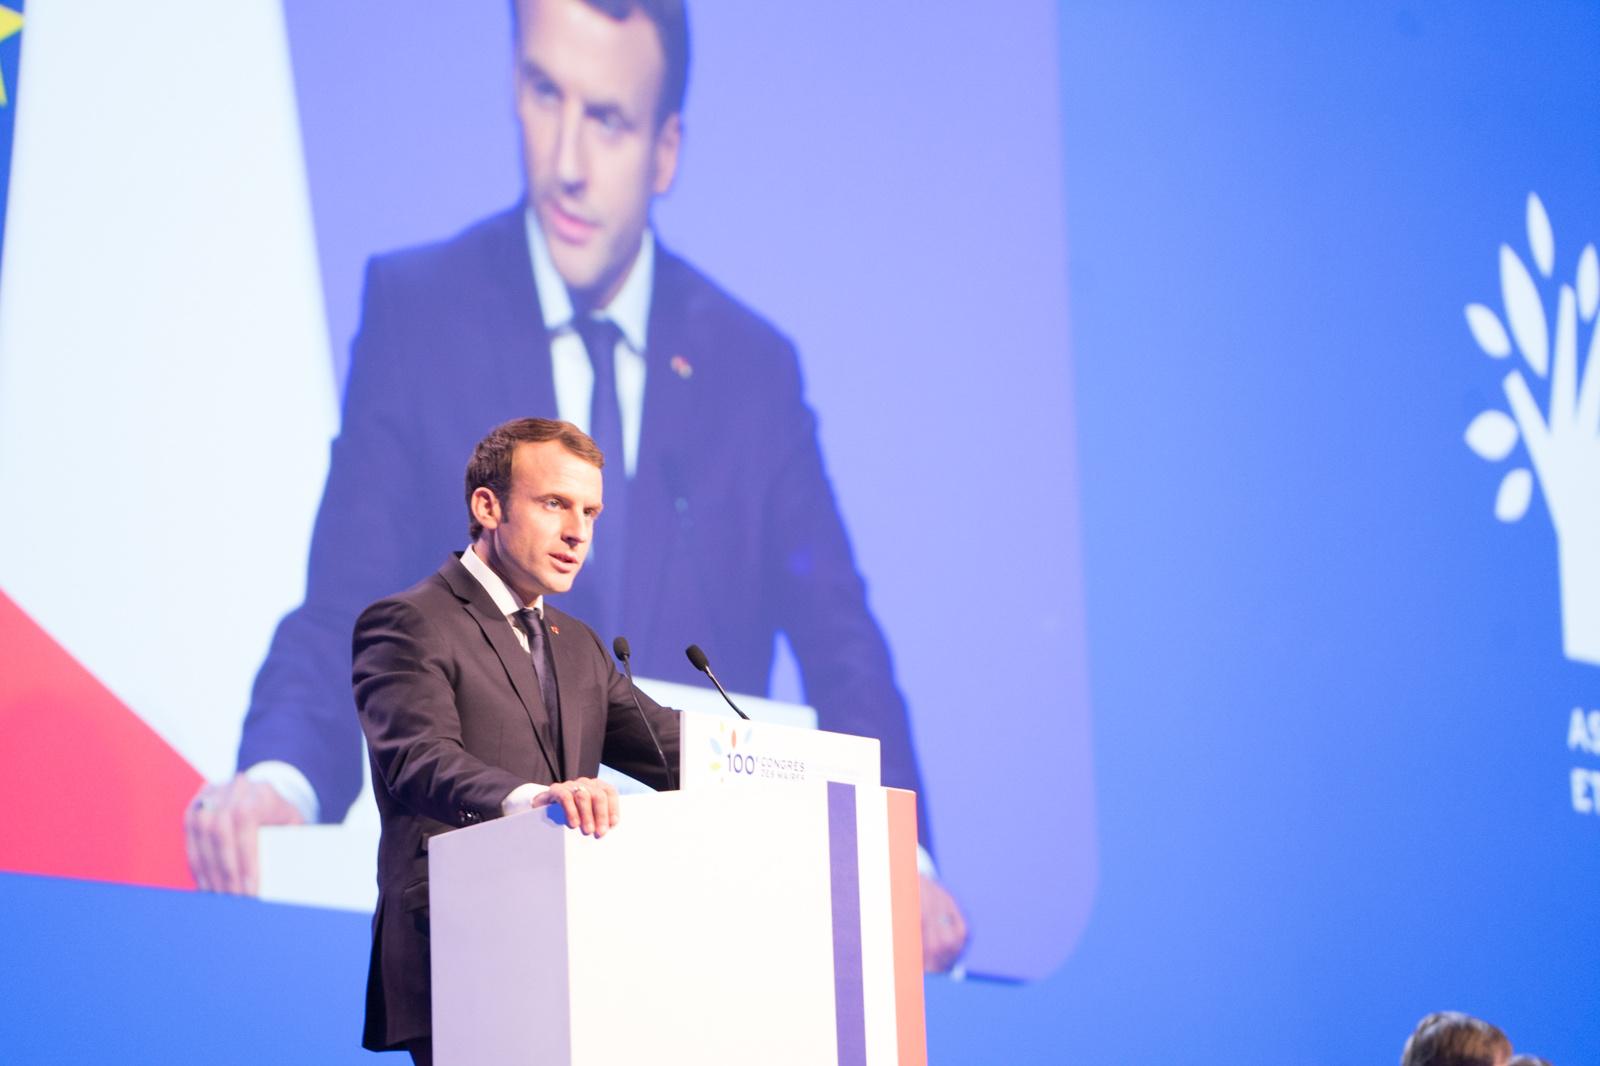 G. Nausėda: Prancūzijos vadovo pareiškimas nenudžiugino – turėsime apie ką padiskutuoti